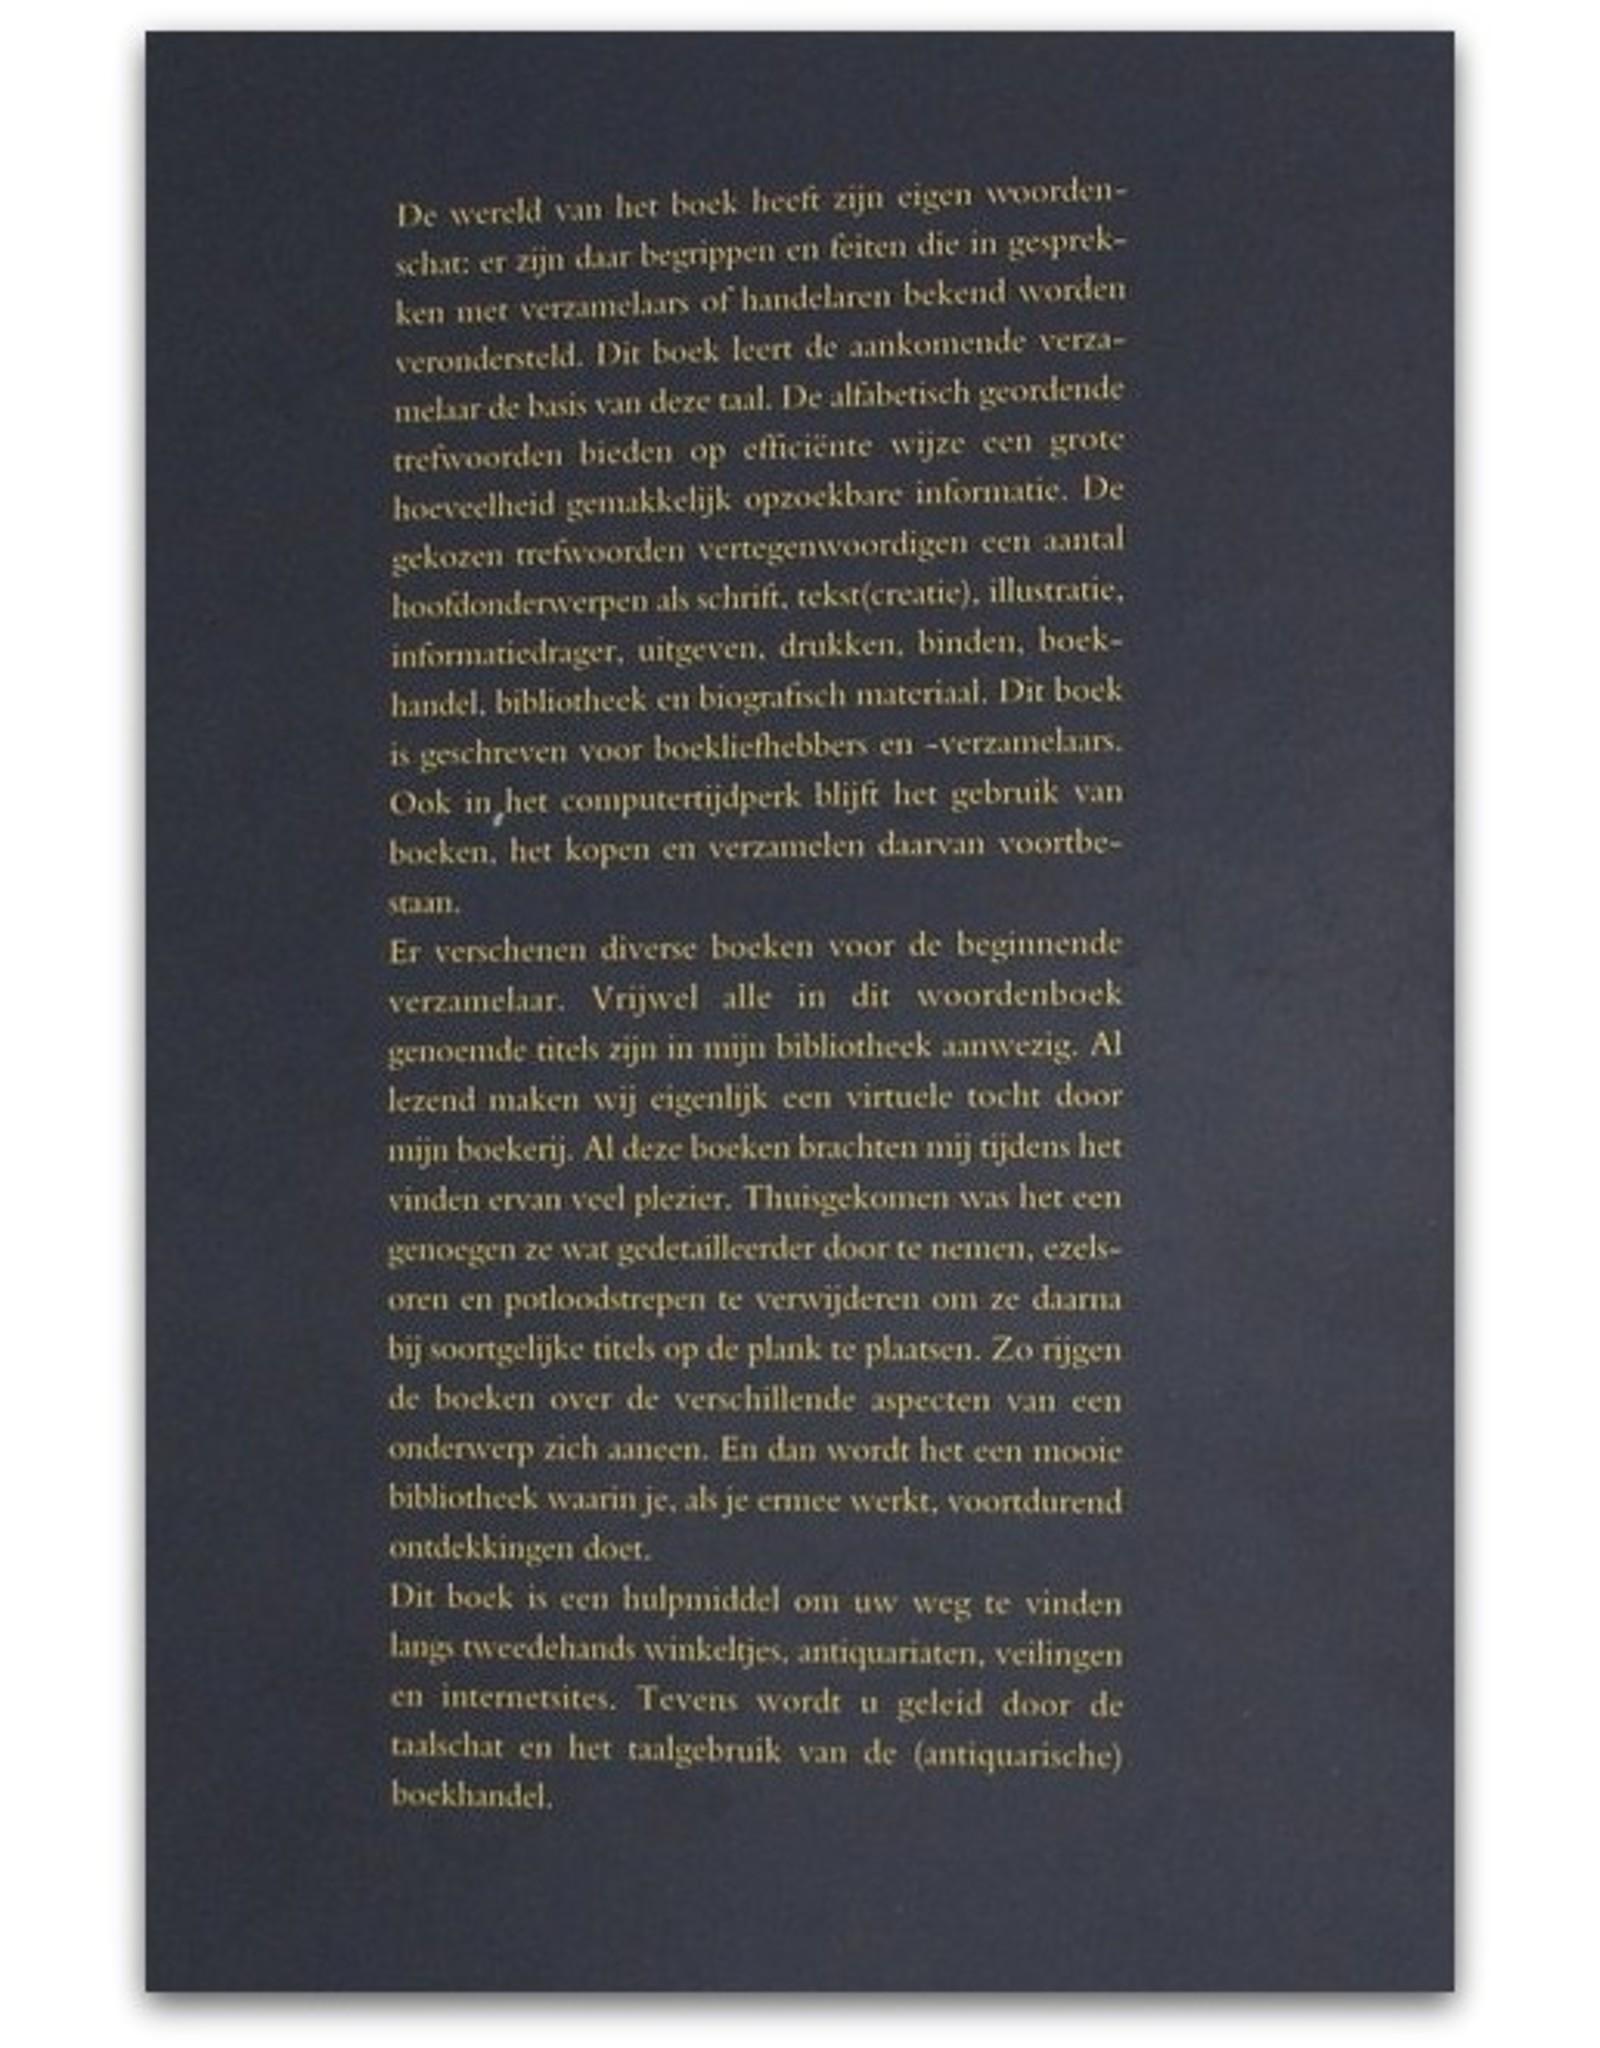 J. Ayolt Brongers - Boekwoorden woordenboek. Handleiding voor boekensneupers